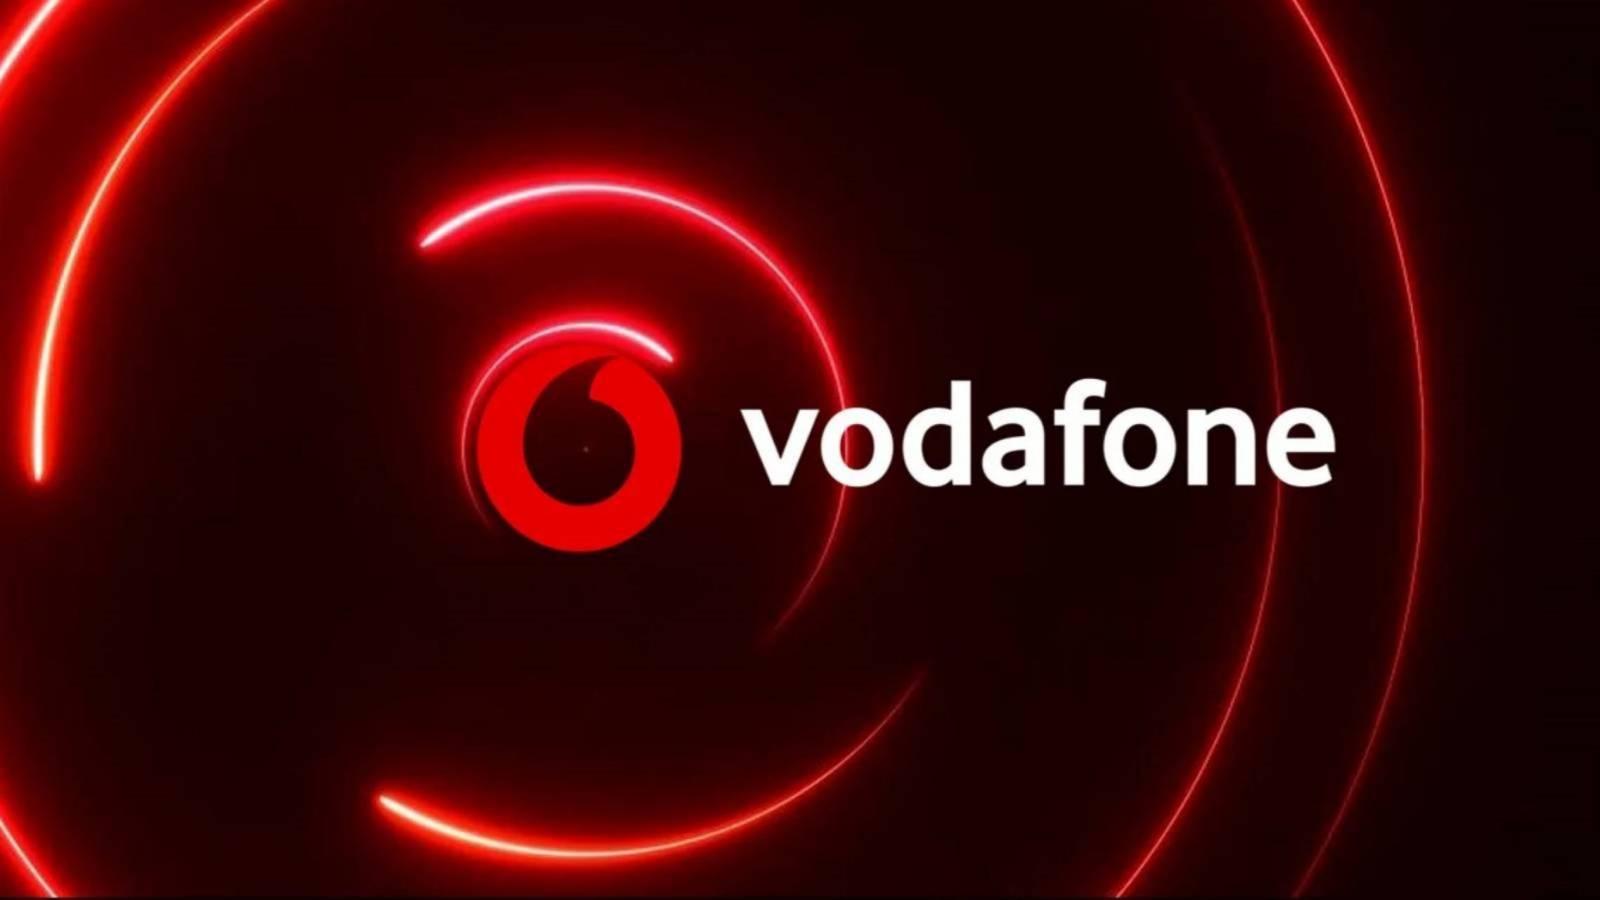 Vodafone atacuri